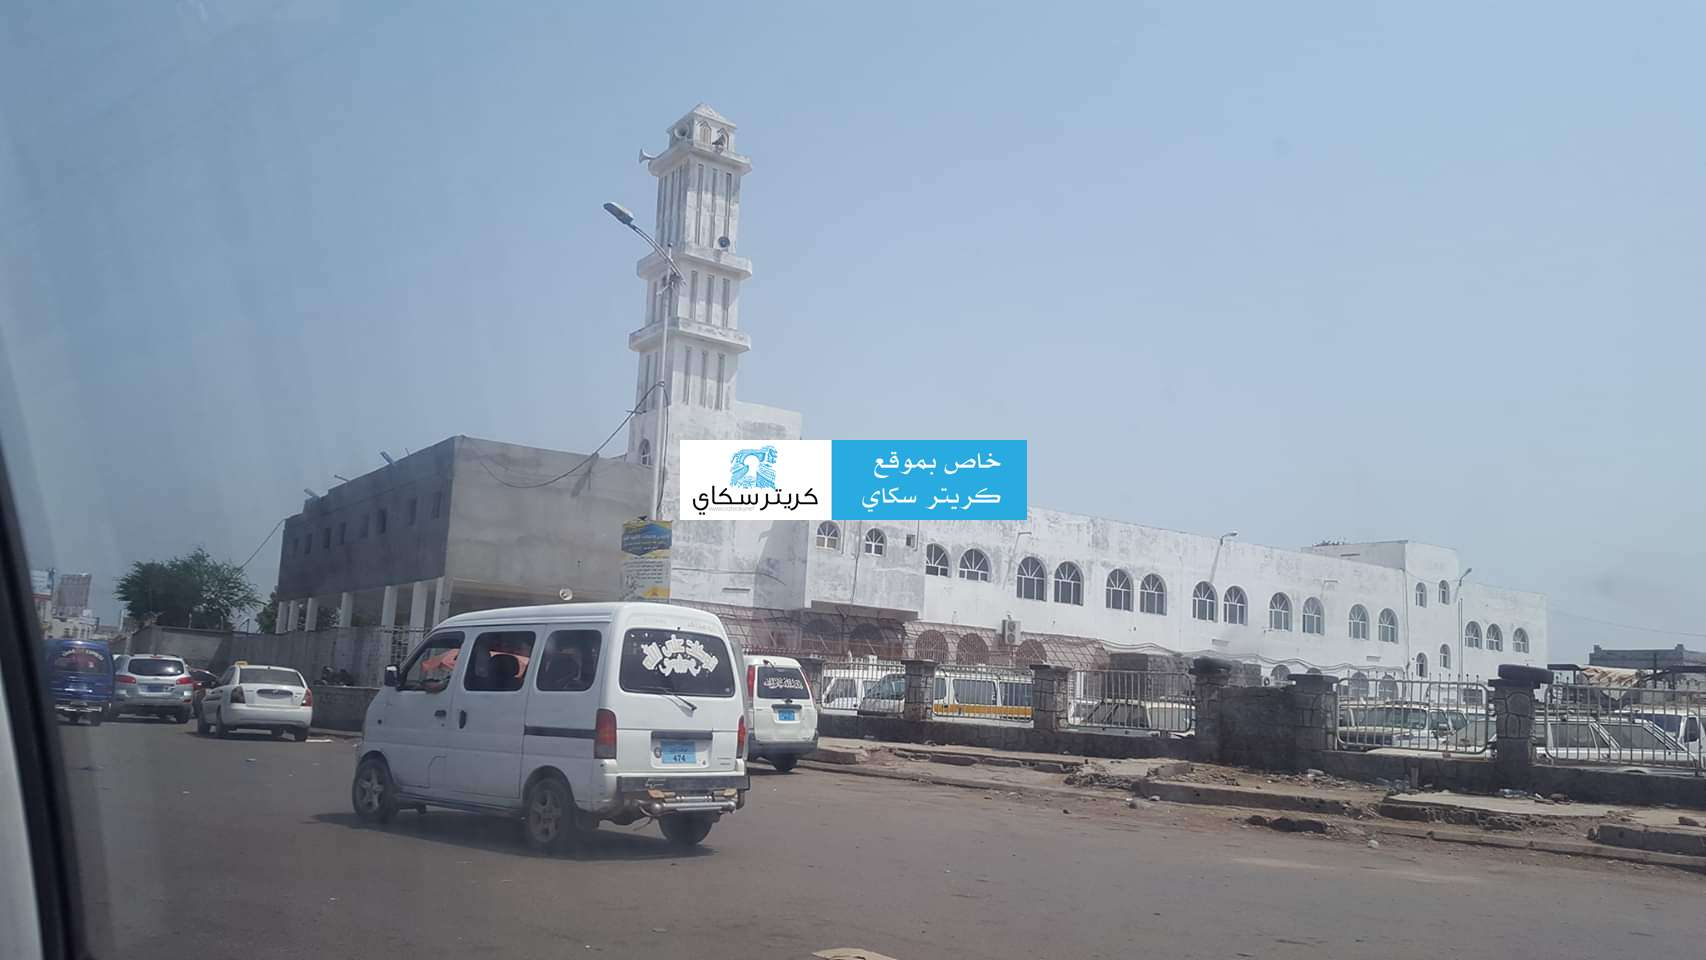 حصري.. محل لبيع الجوالات  يتعرض للسرقة في سوق تجاري بالعاصمة عدن